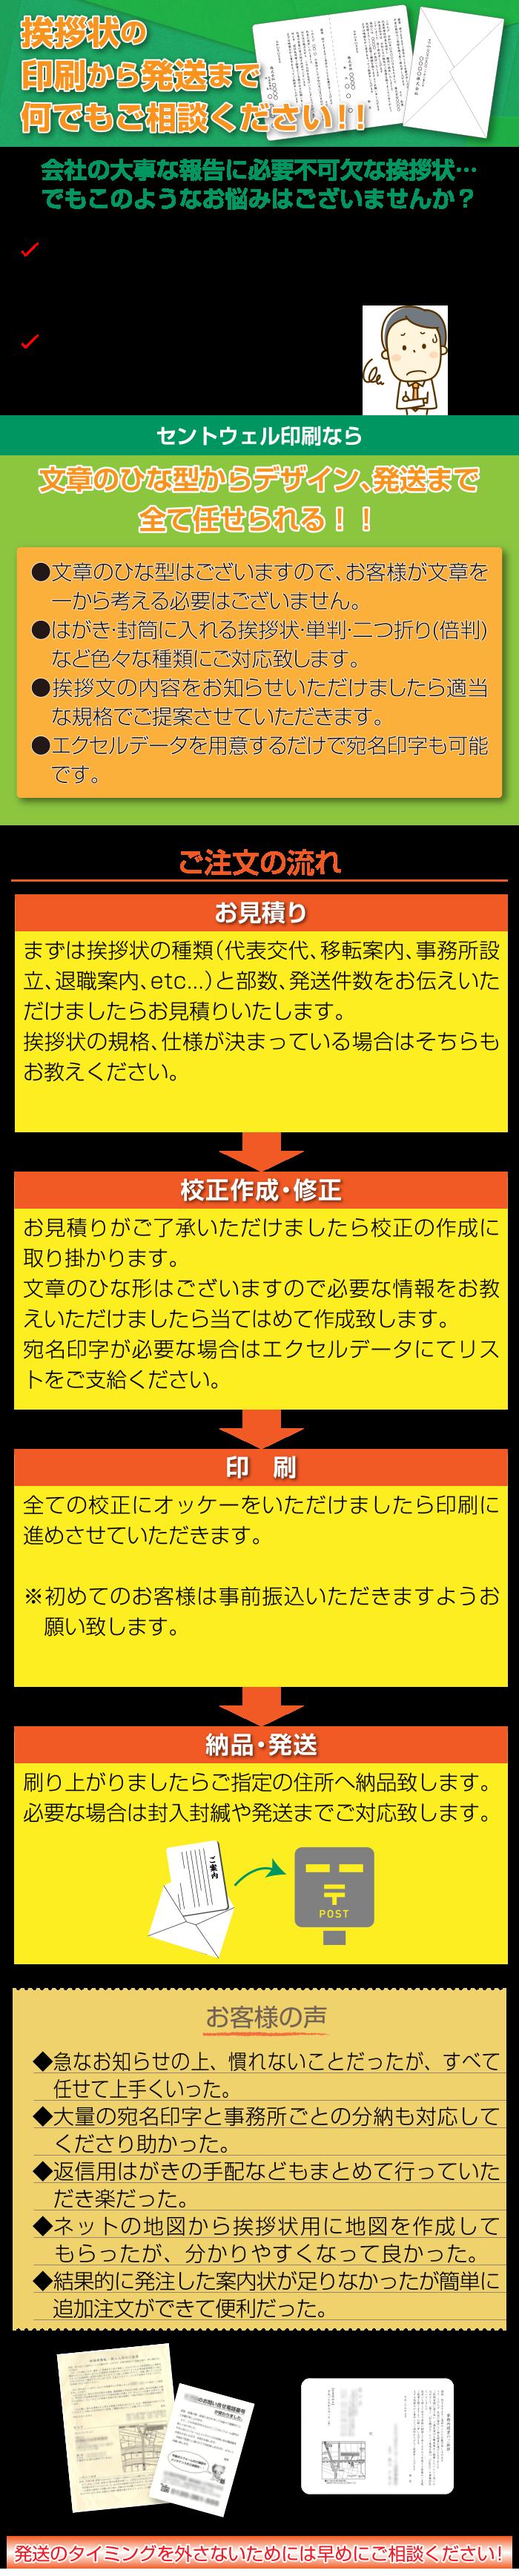 挨拶状の印刷なら大阪 北区 梅田のセントウェル印刷株式会社